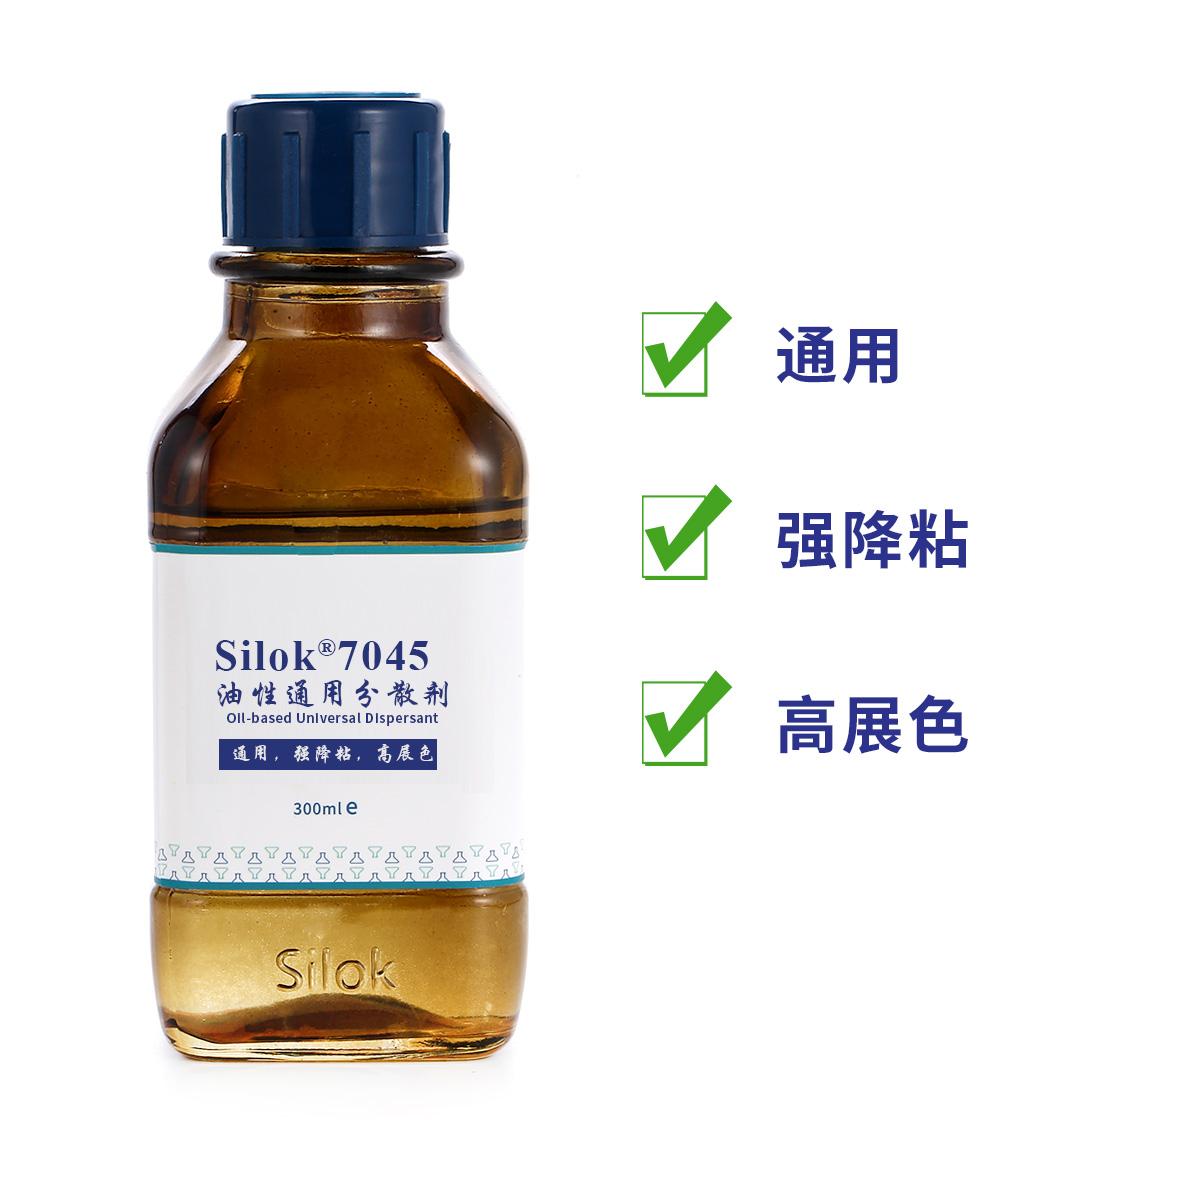 油性通用分散剂